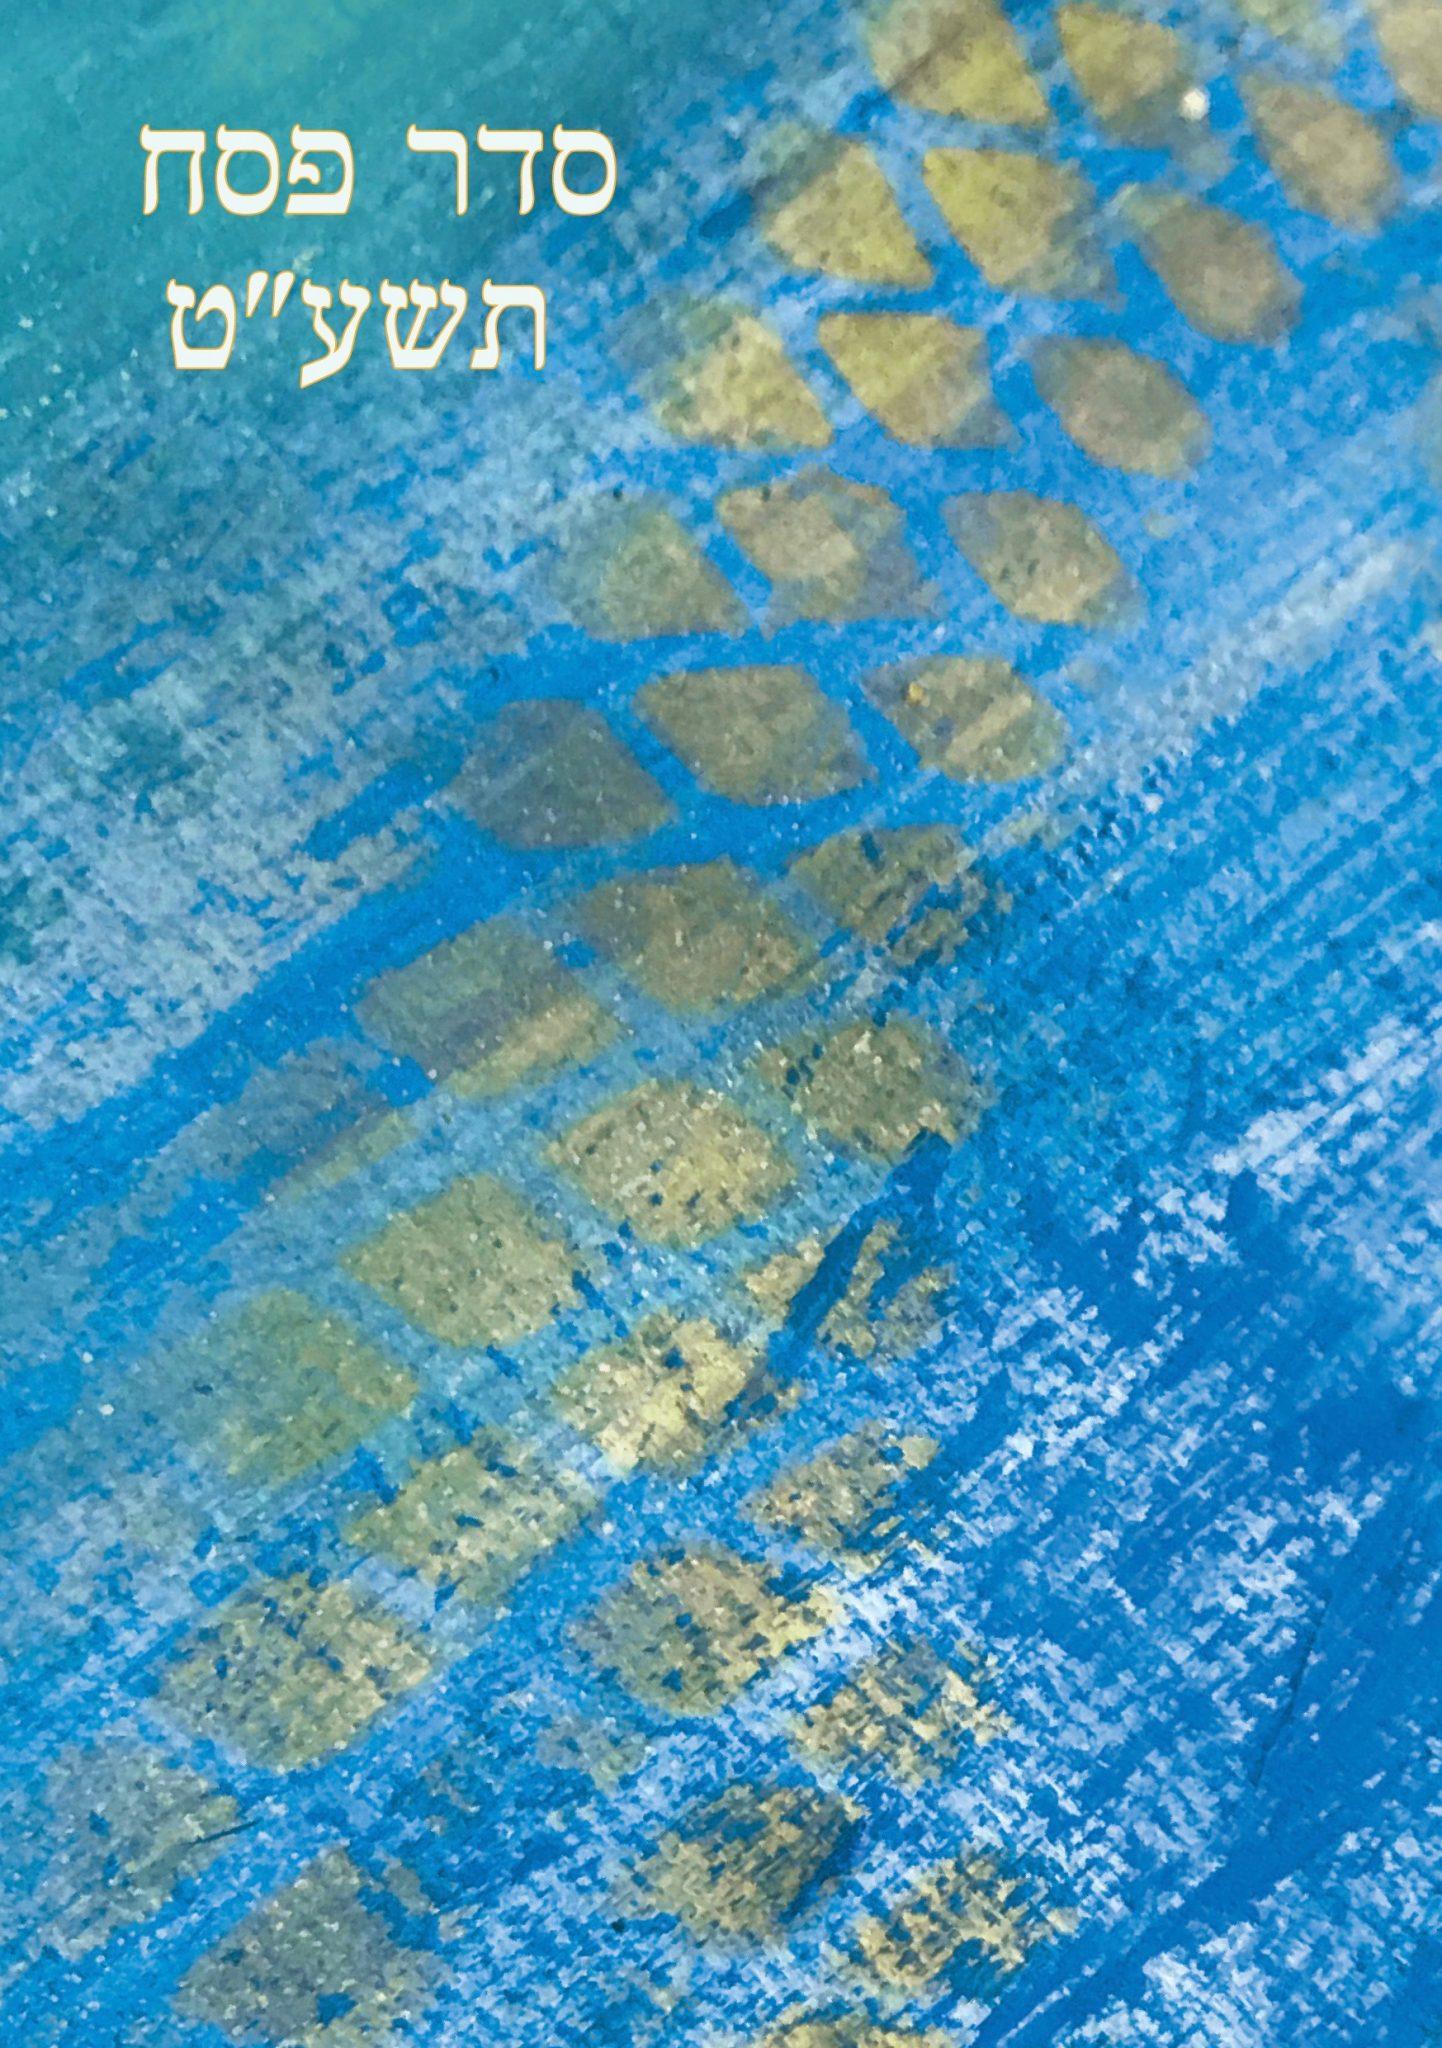 Calendrier Hebraique 5779.Seder Communautaire Au Centre Maayan Avec Kg Kehilat Gesher